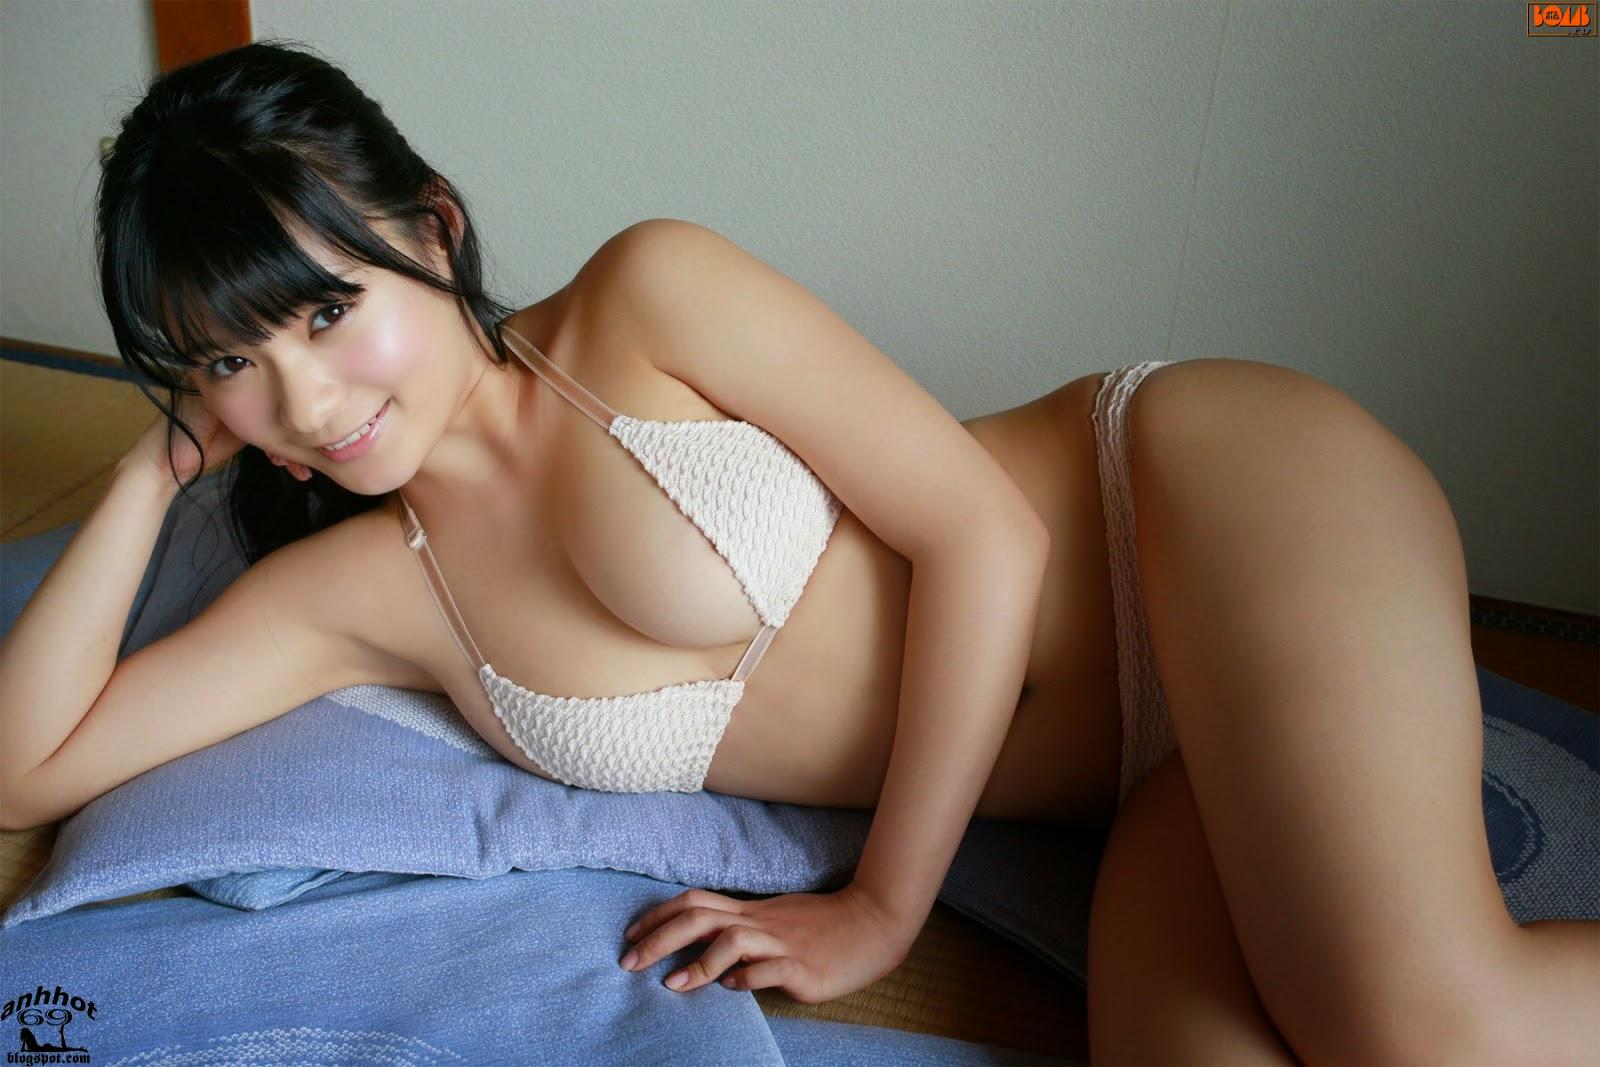 mizuki-hoshina-02127878